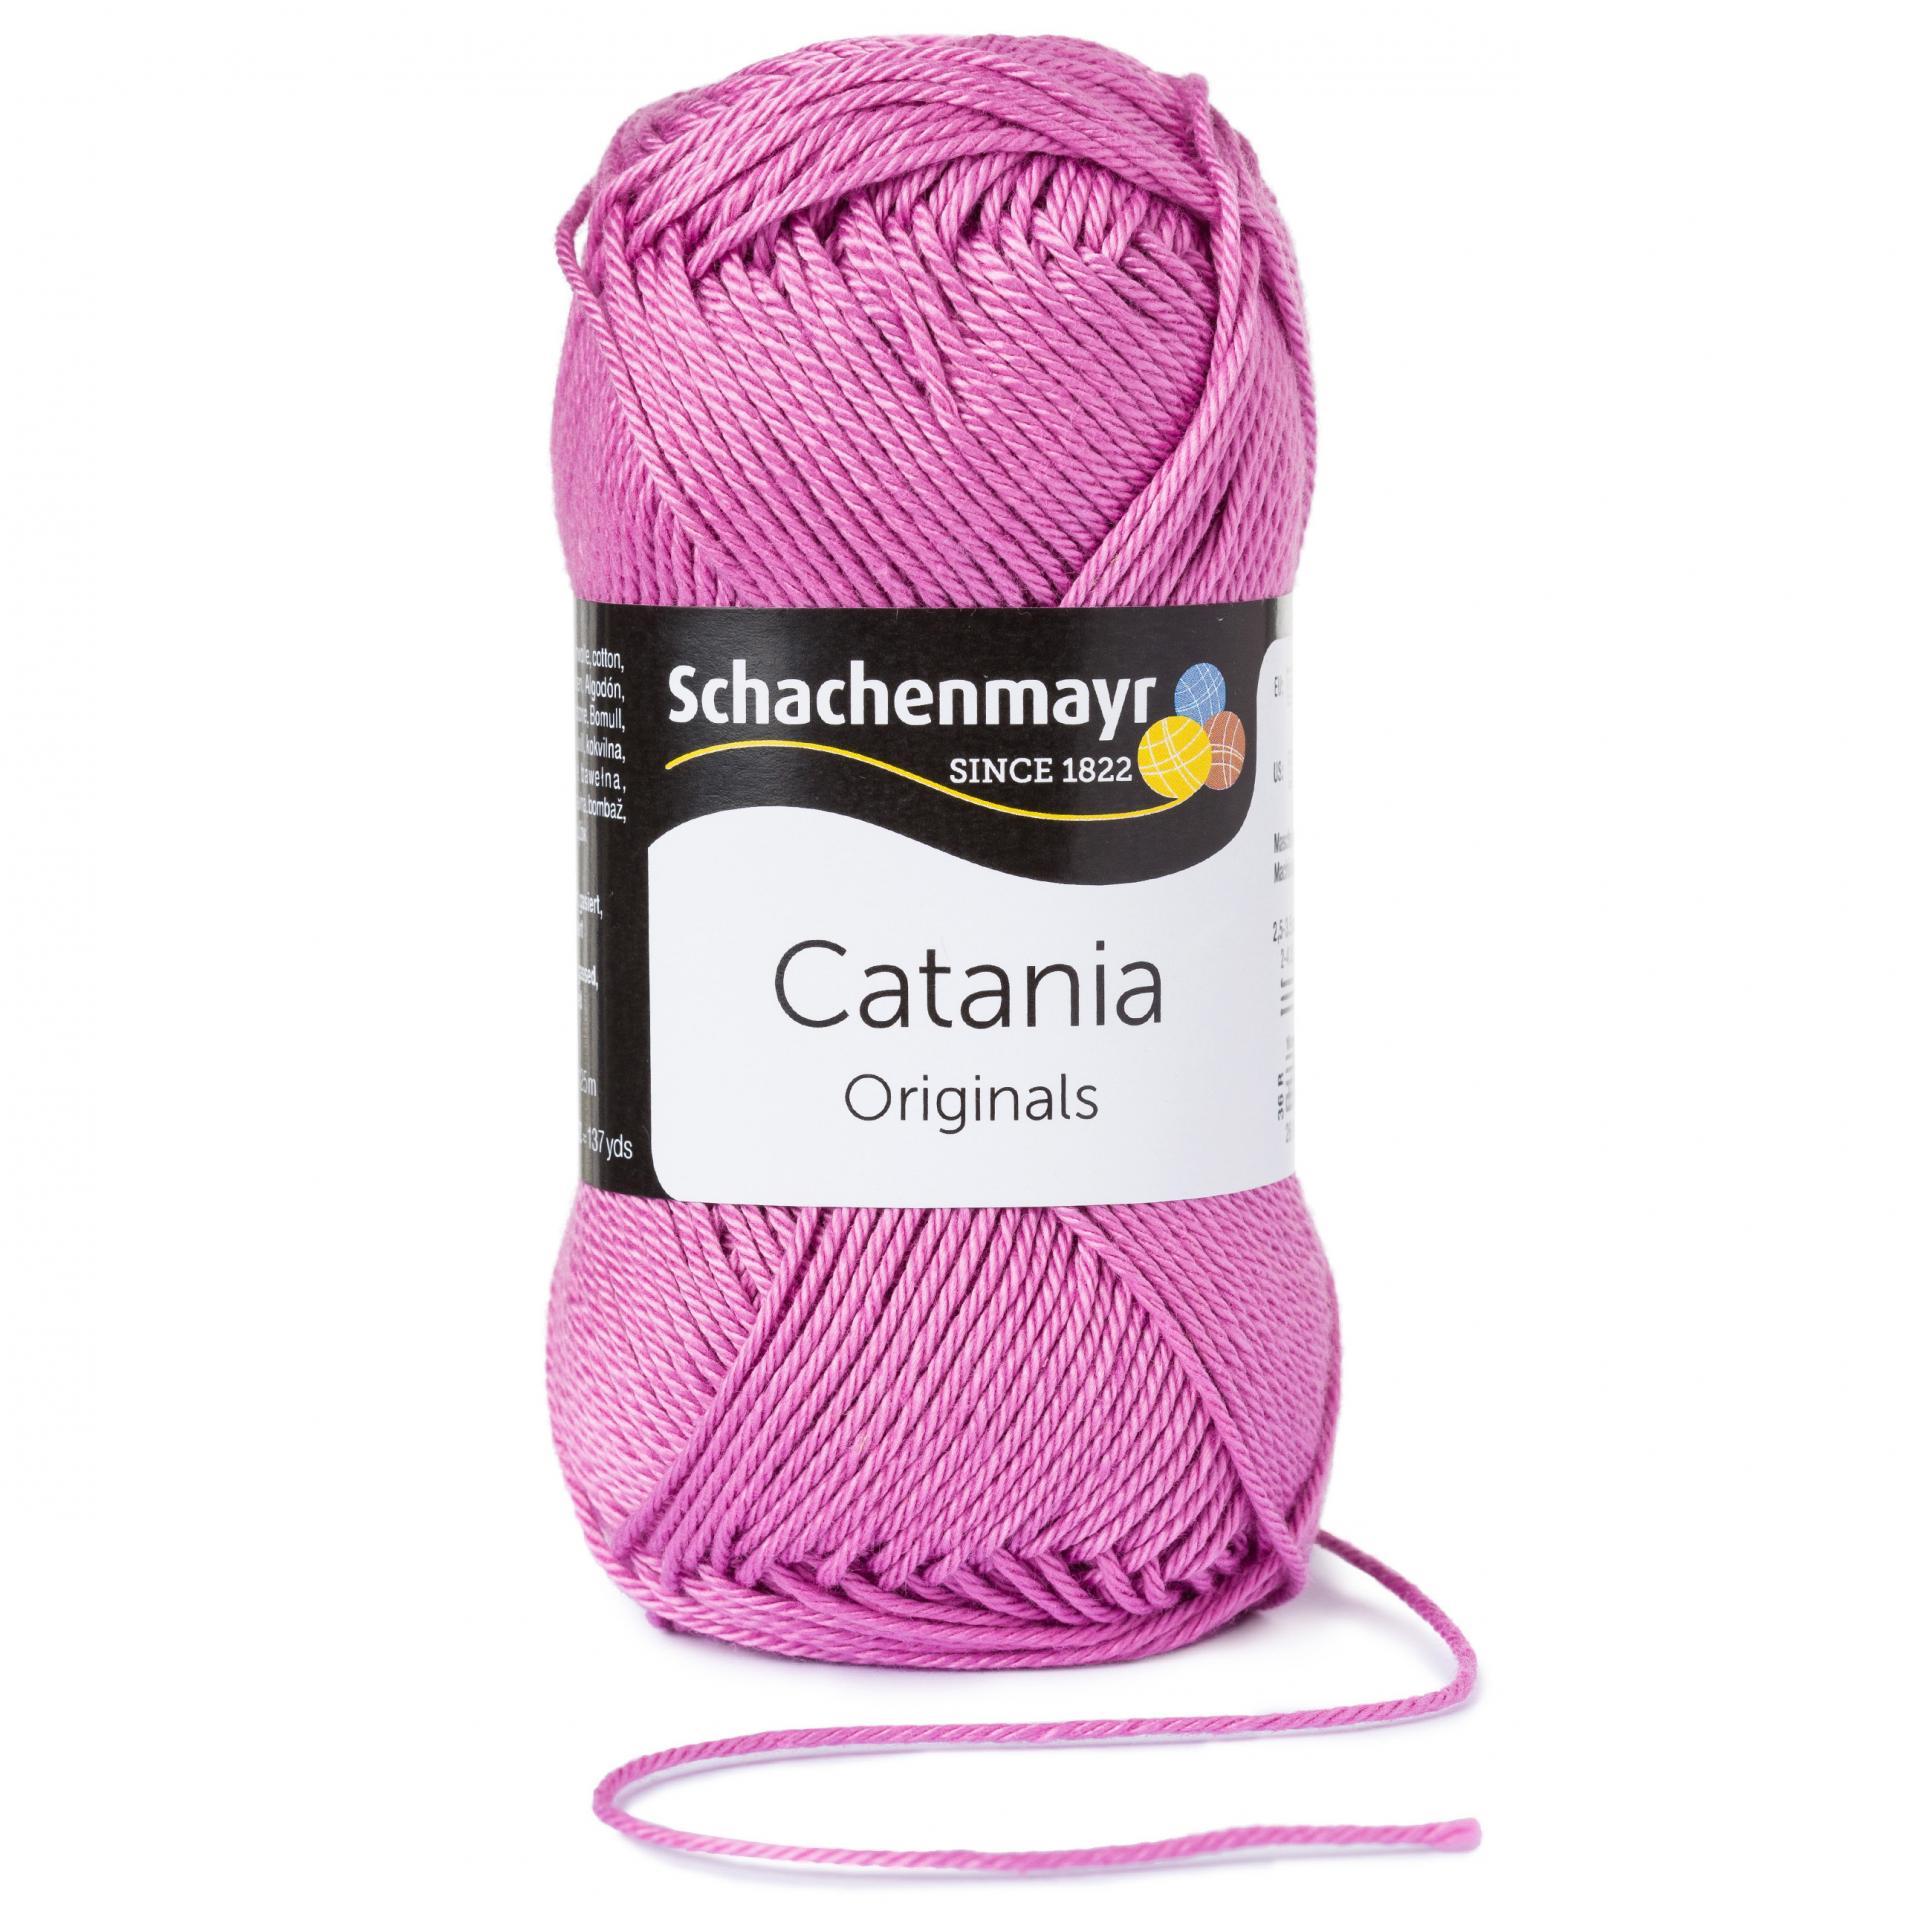 Catania malva 398